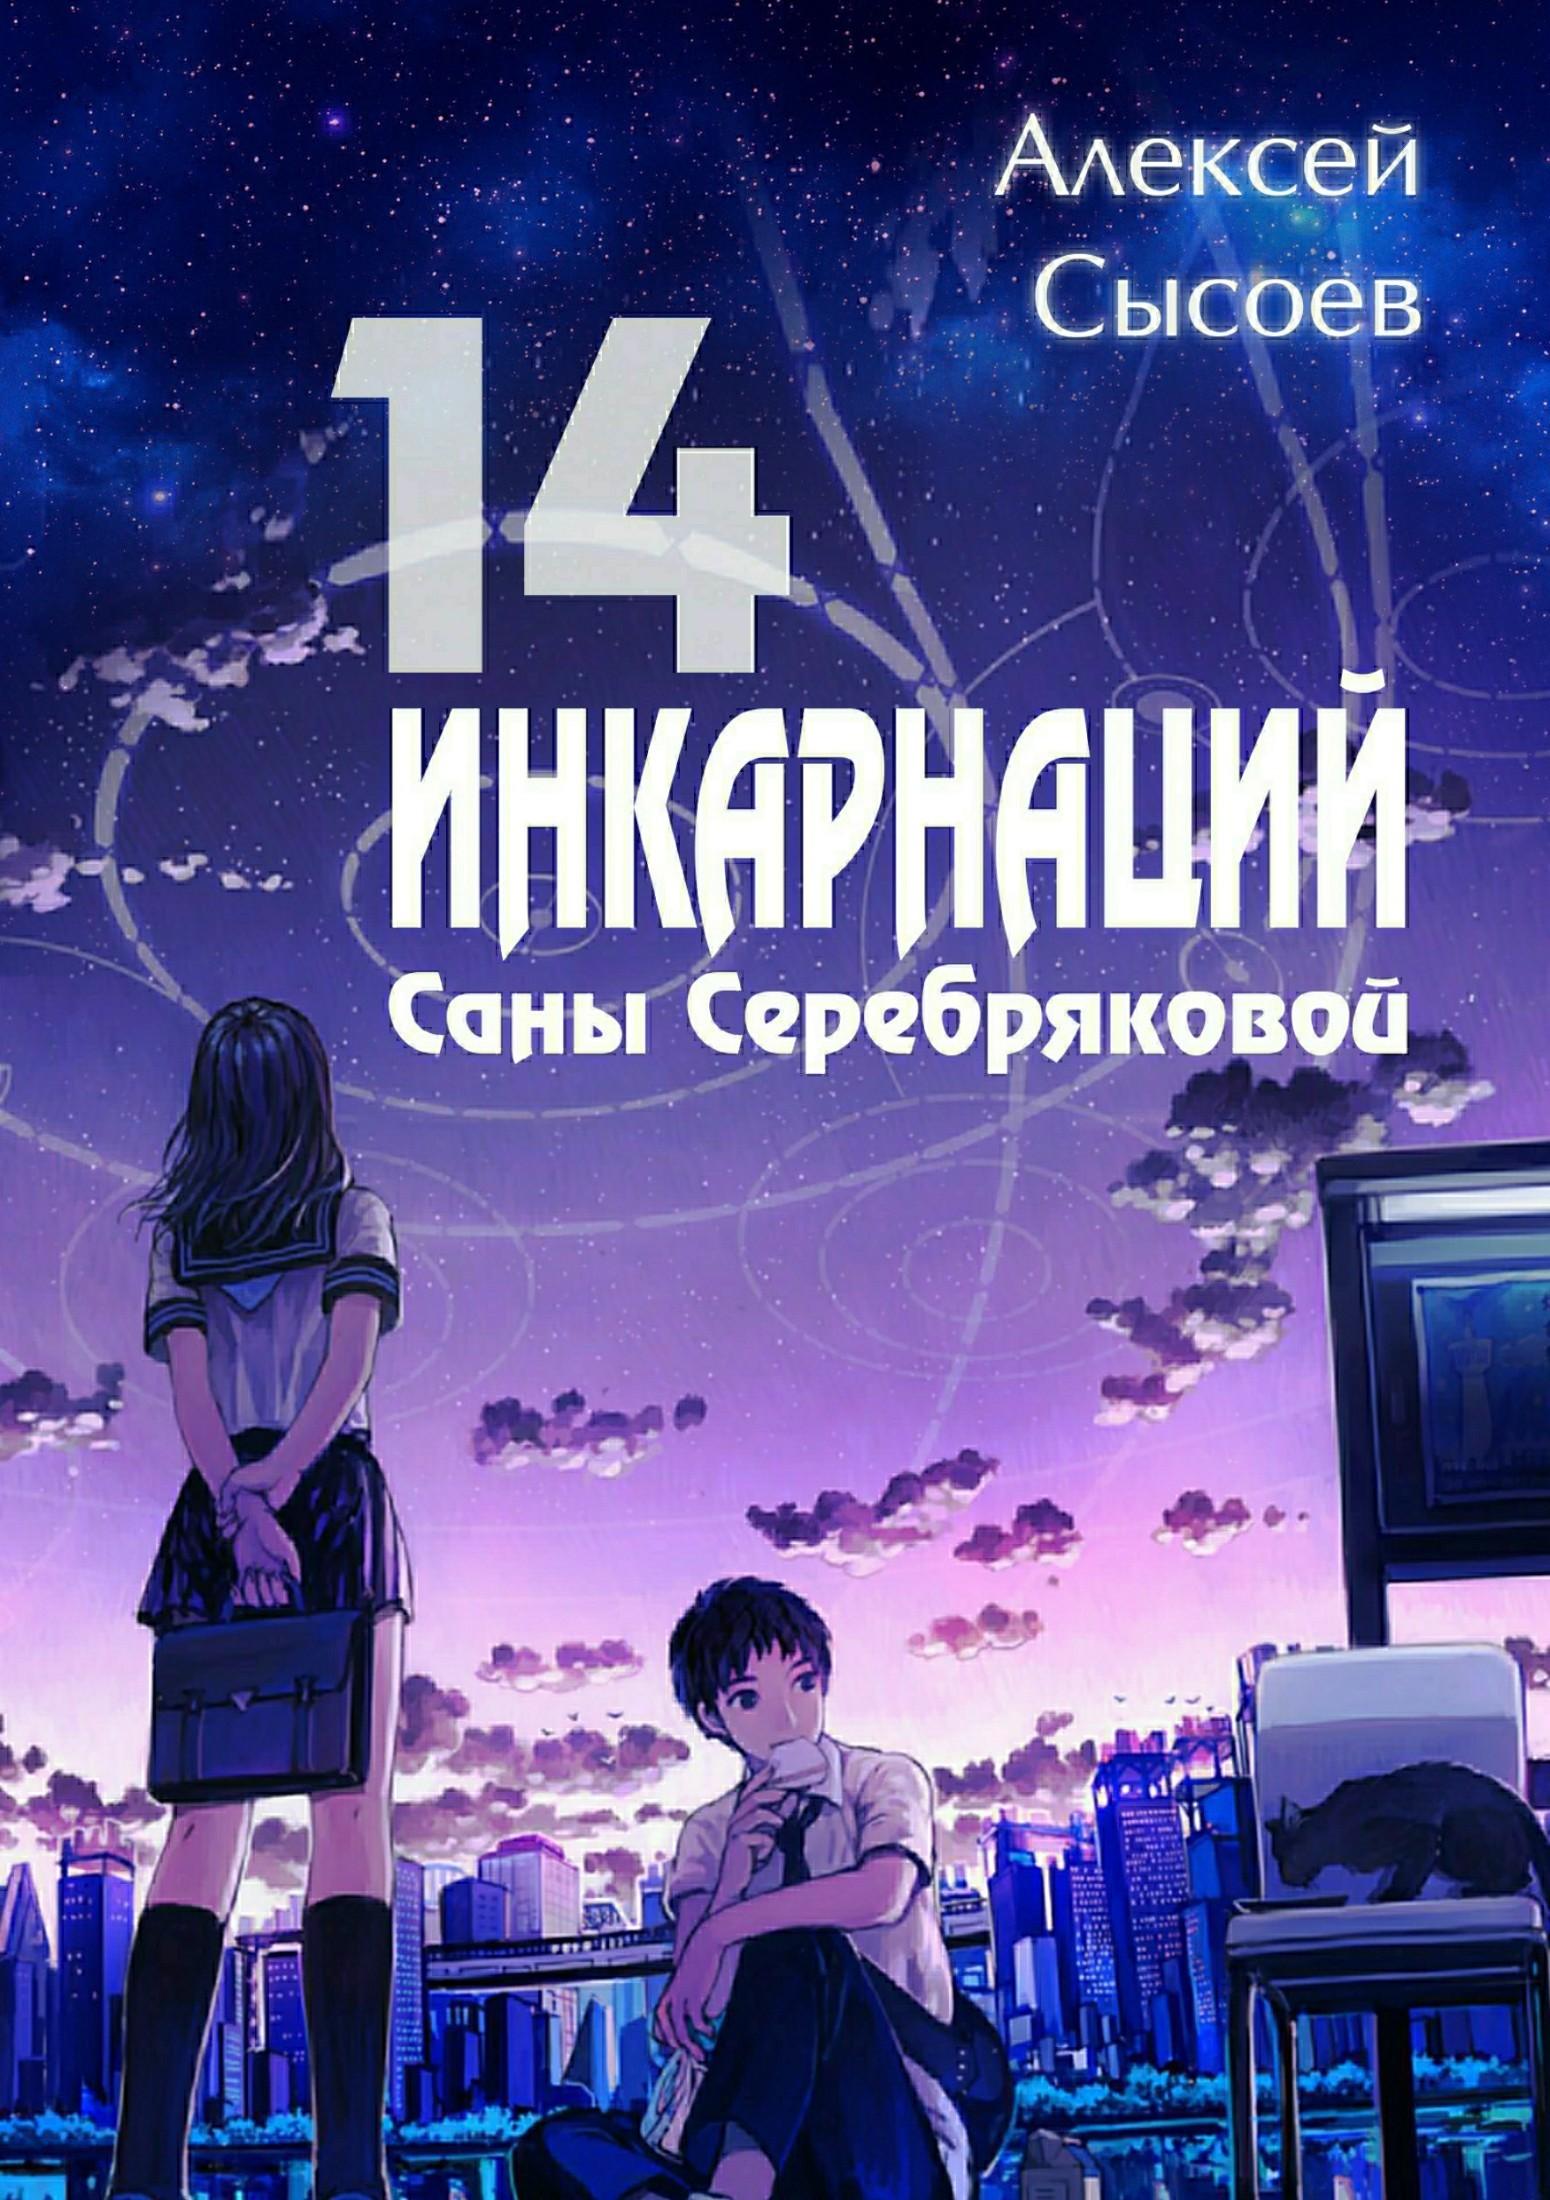 14 инкарнаций Саны Серебряковой